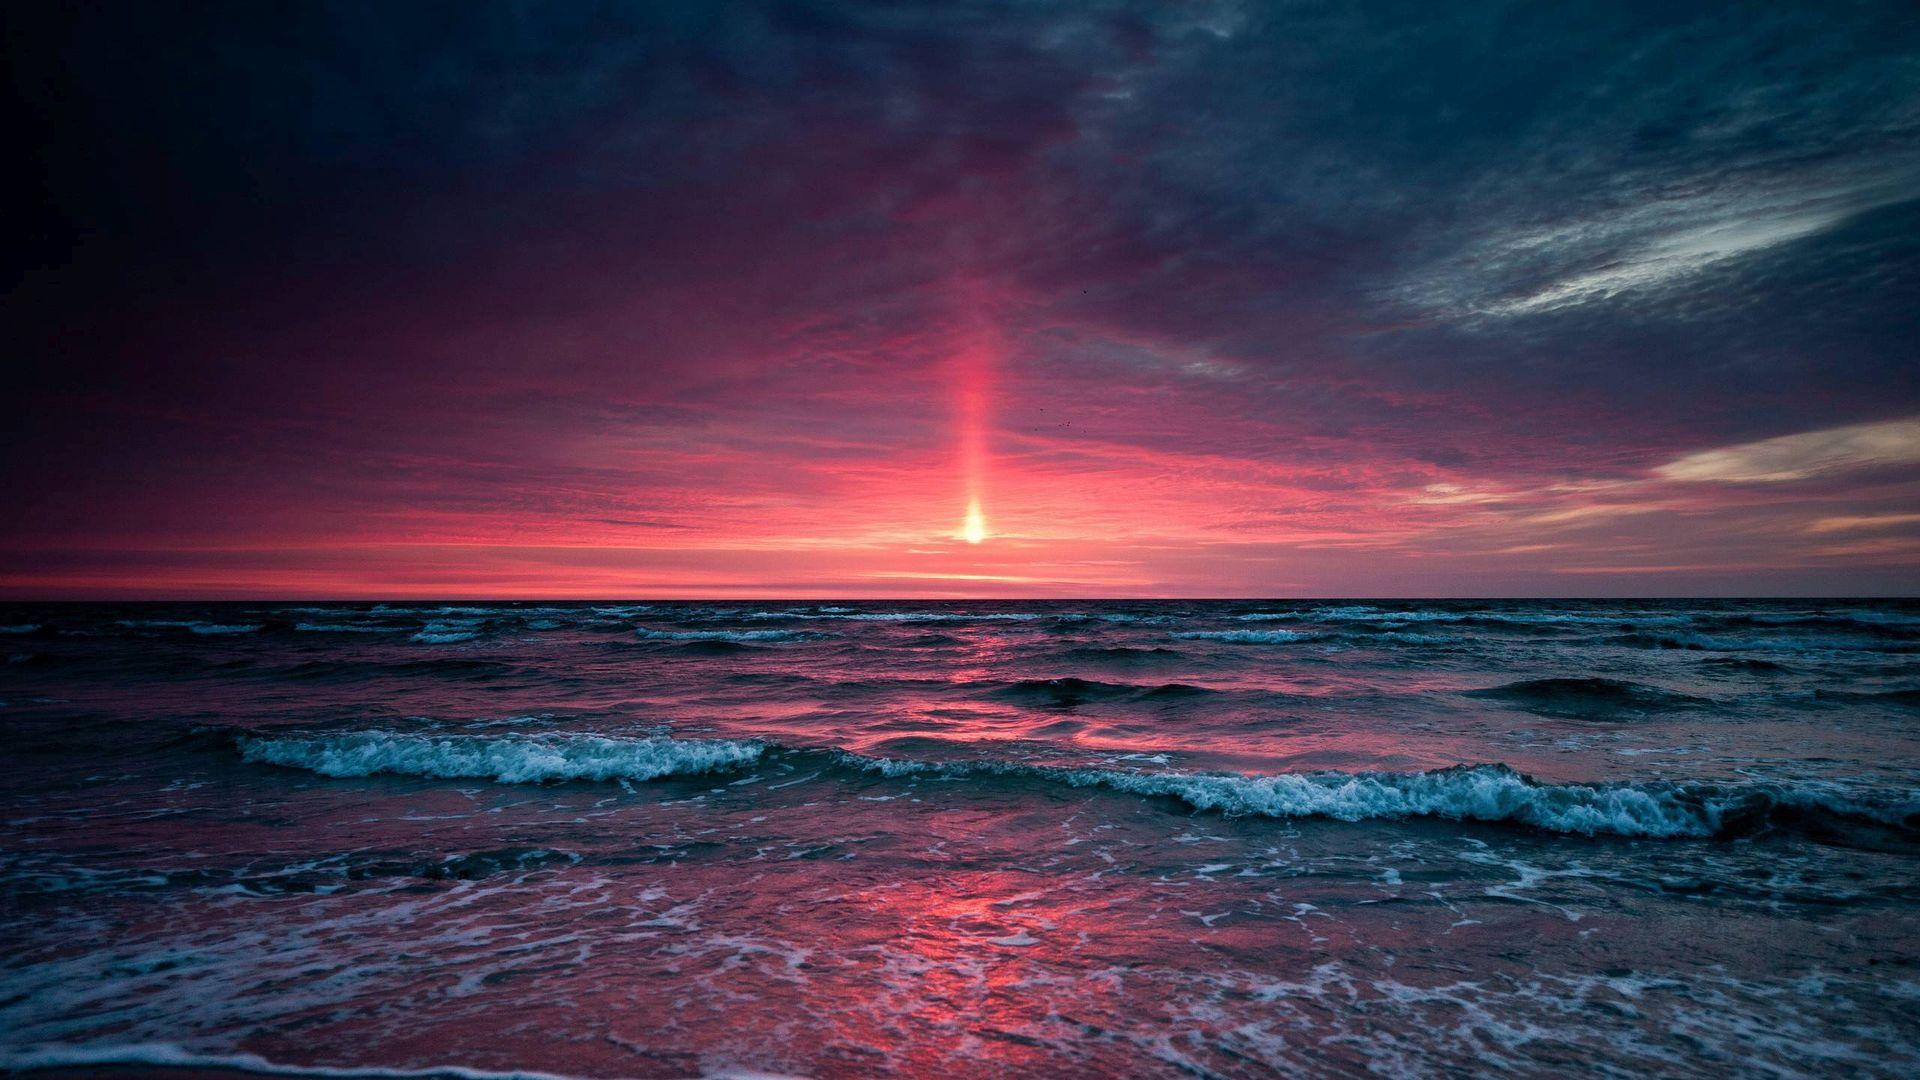 Красивые картинки с морем и закатом, пушистые котики